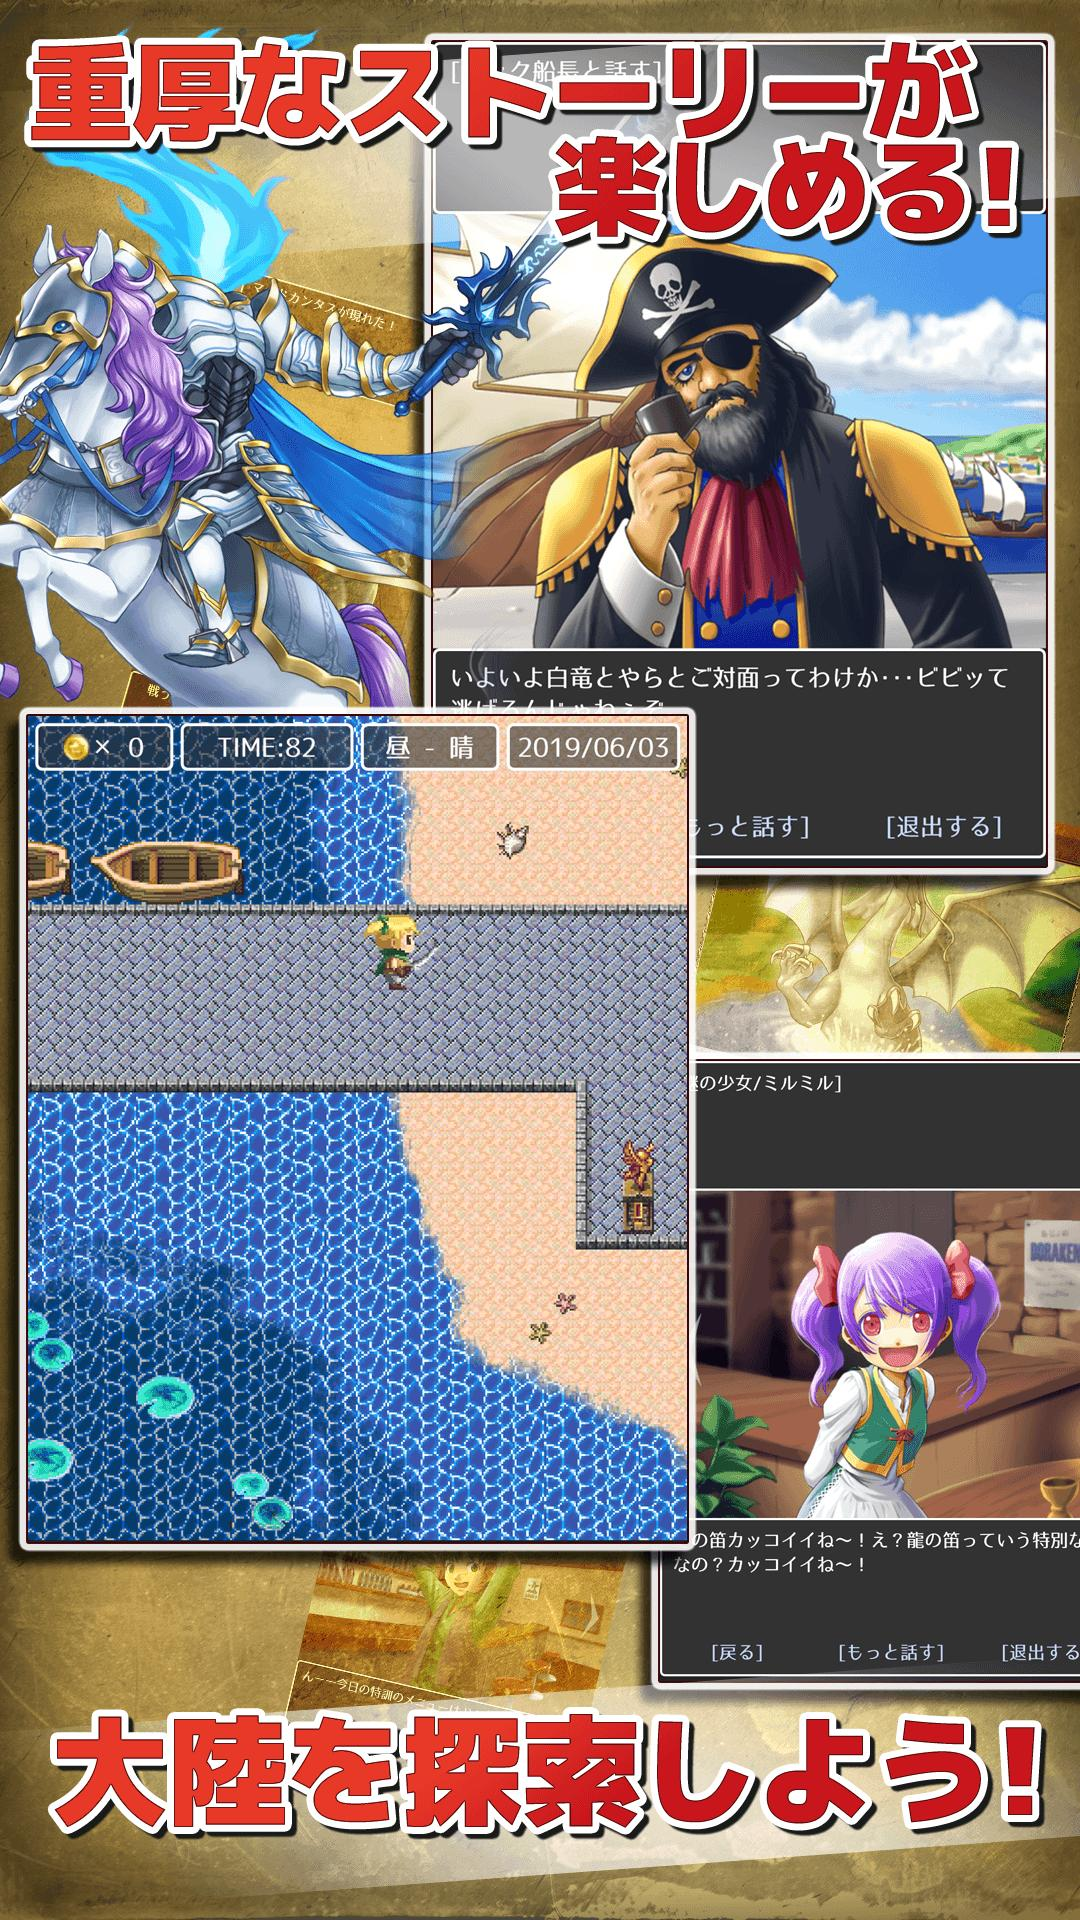 お小遣い×RPG☆RPGゲームでお小遣い稼ぎ!ポイント稼げるアプリ【Card RPG】 5.7.6 Screenshot 11